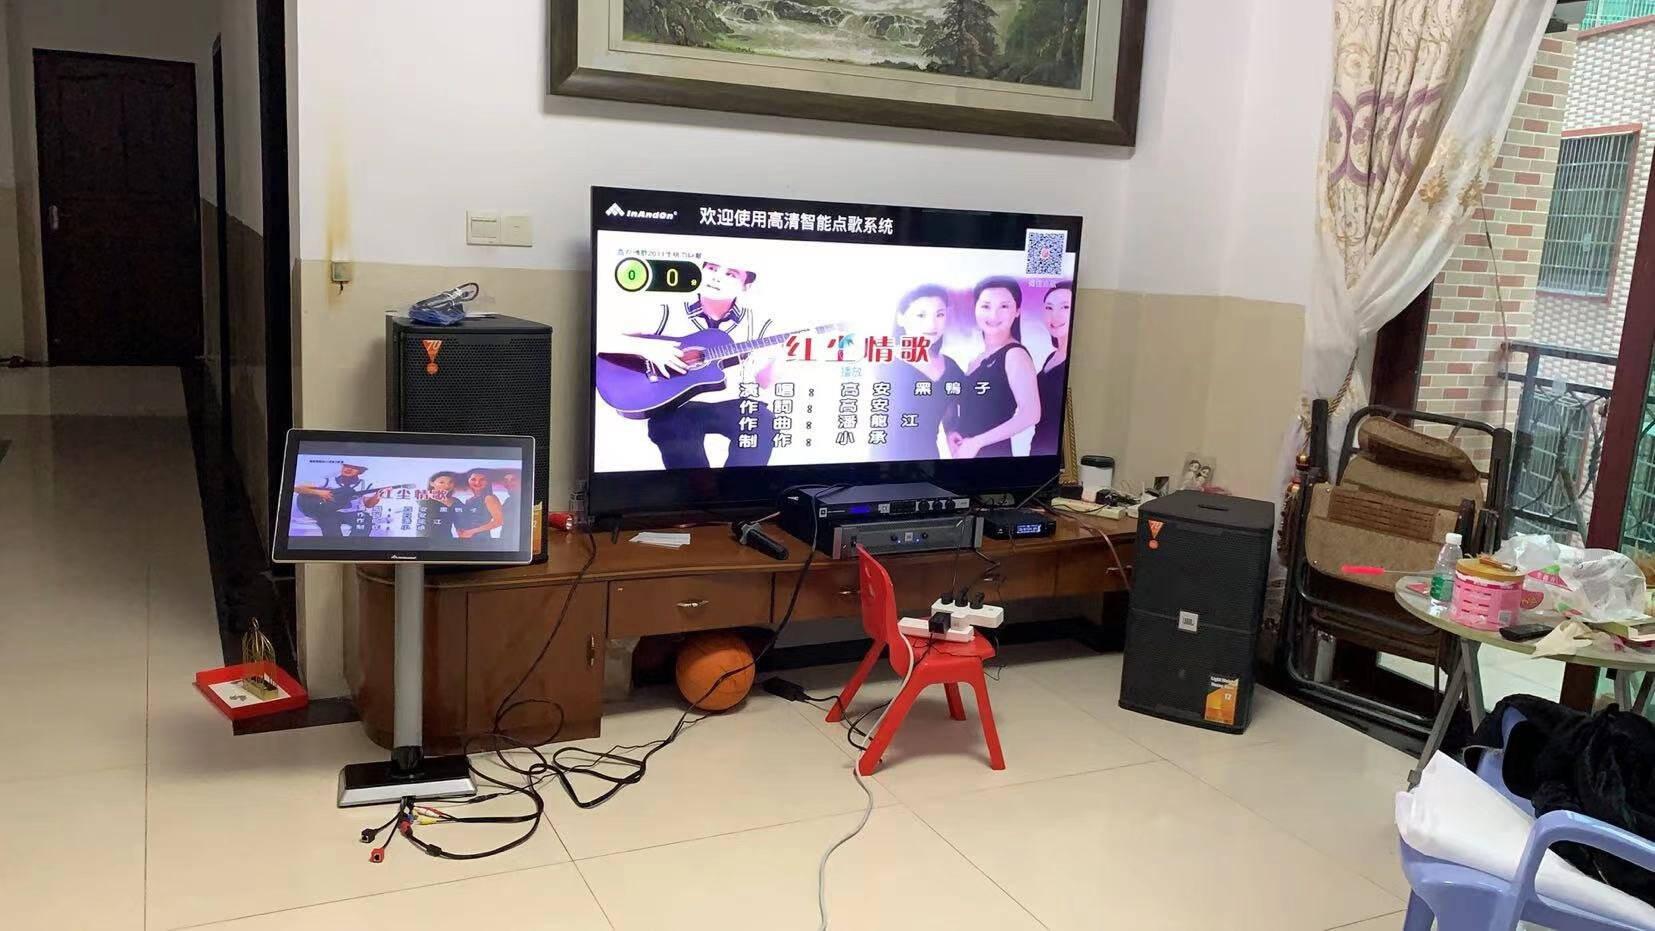 JBLKES6100/6120家庭ktv音响套装音王点歌机一体机家庭影院卡拉OK专业会议全频音箱【4音响】12英寸全套JBL